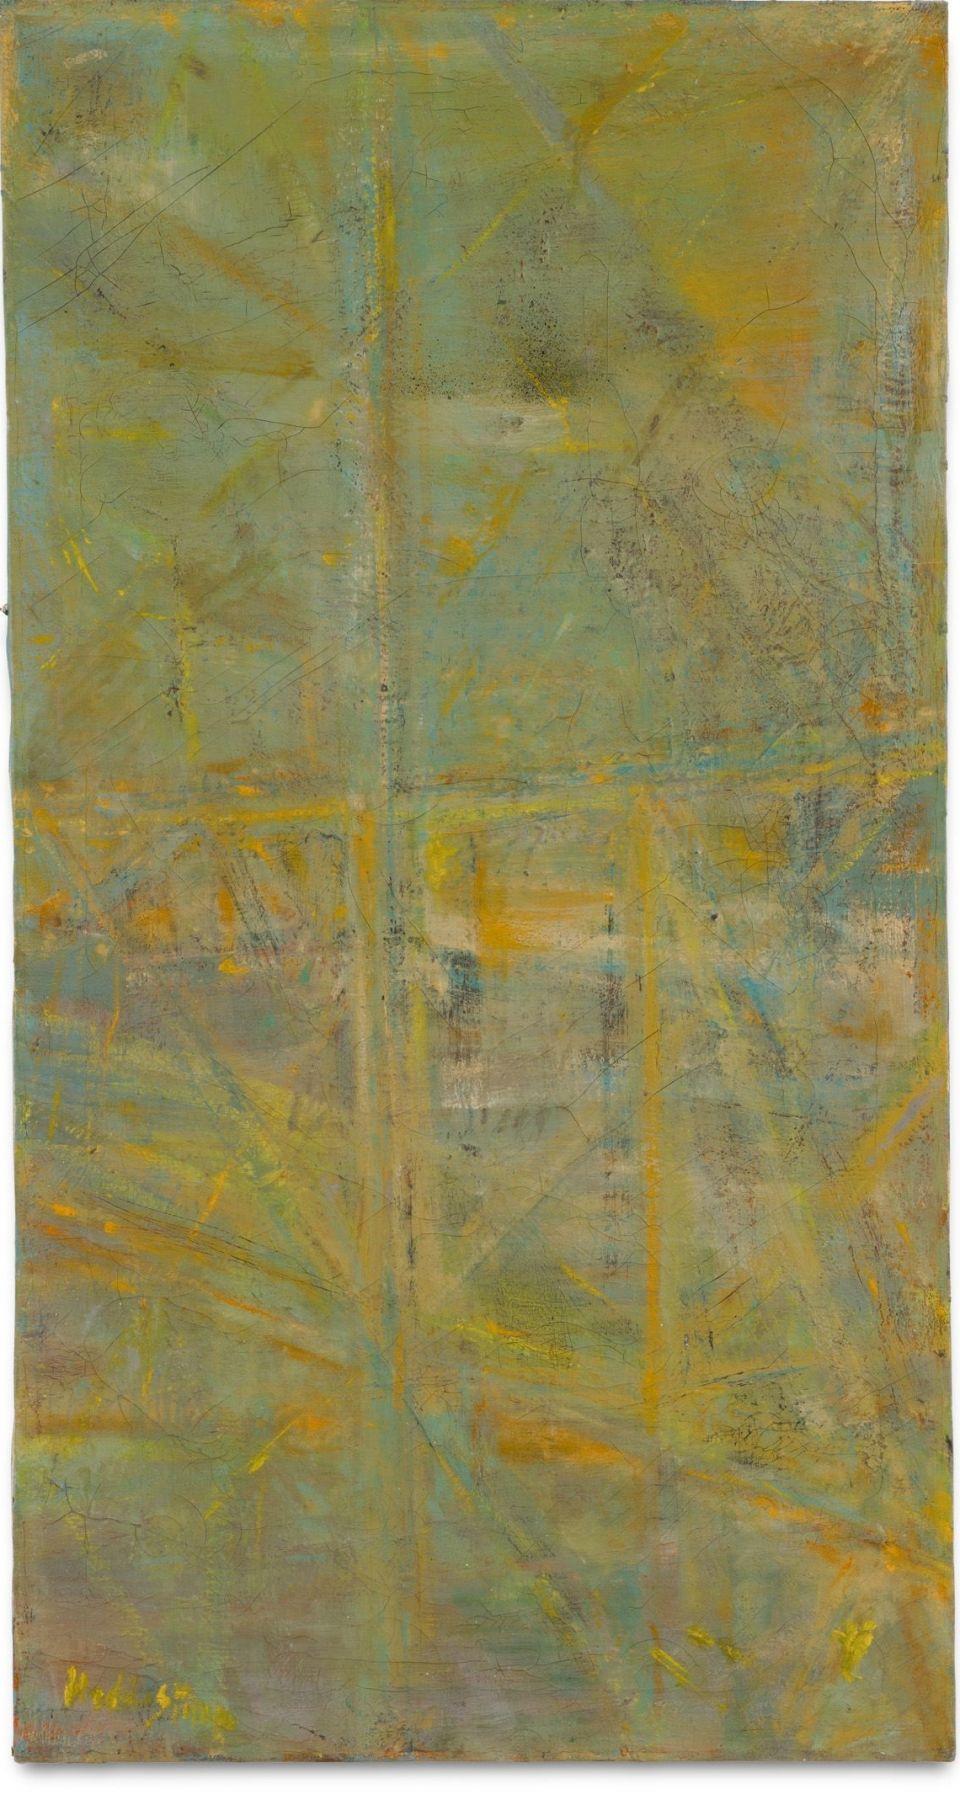 Untitled (N.Y.4.1956), 1956